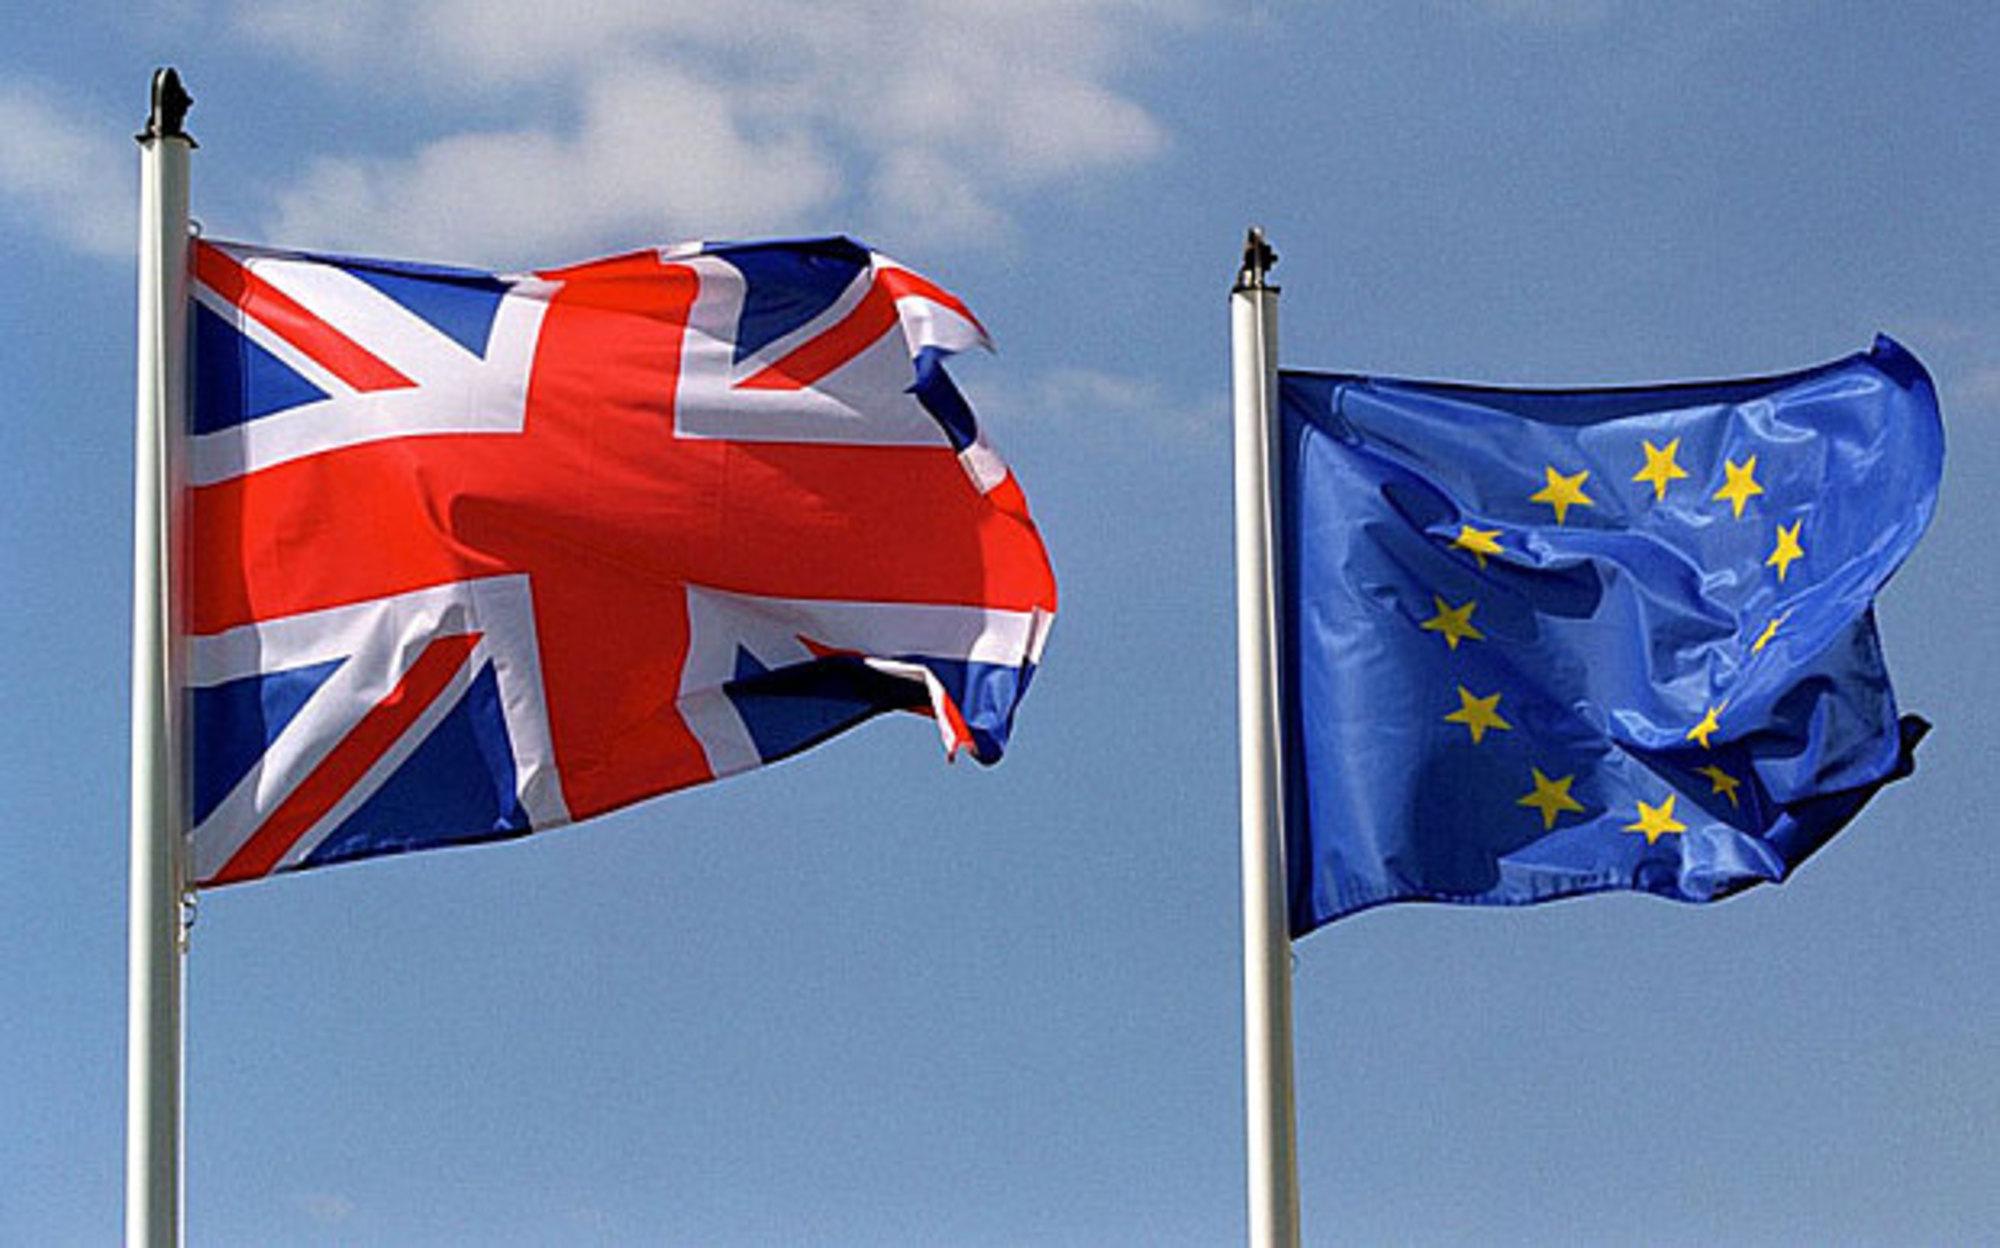 """انطلاق جولة جديدة من المفاوضات الأوروبية البريطانية فى مرحلة ما بعد """"بريكست"""""""